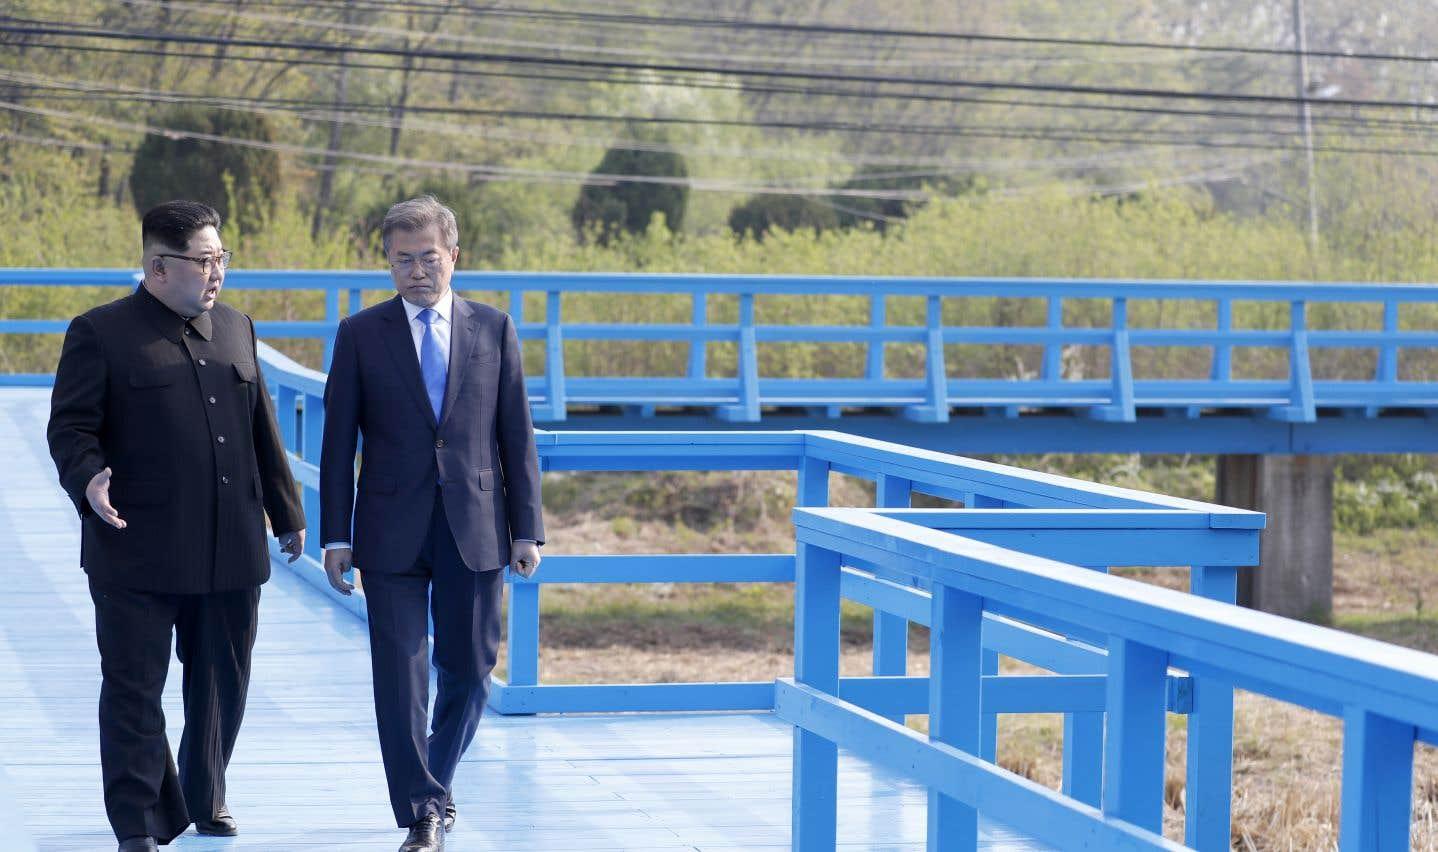 Le chef nord-coréen Kim Jong-un et le président sud-coréen Moon Jae-in marchent côte à côte après avoir symboliquement «planté» un arbre près de la frontière.